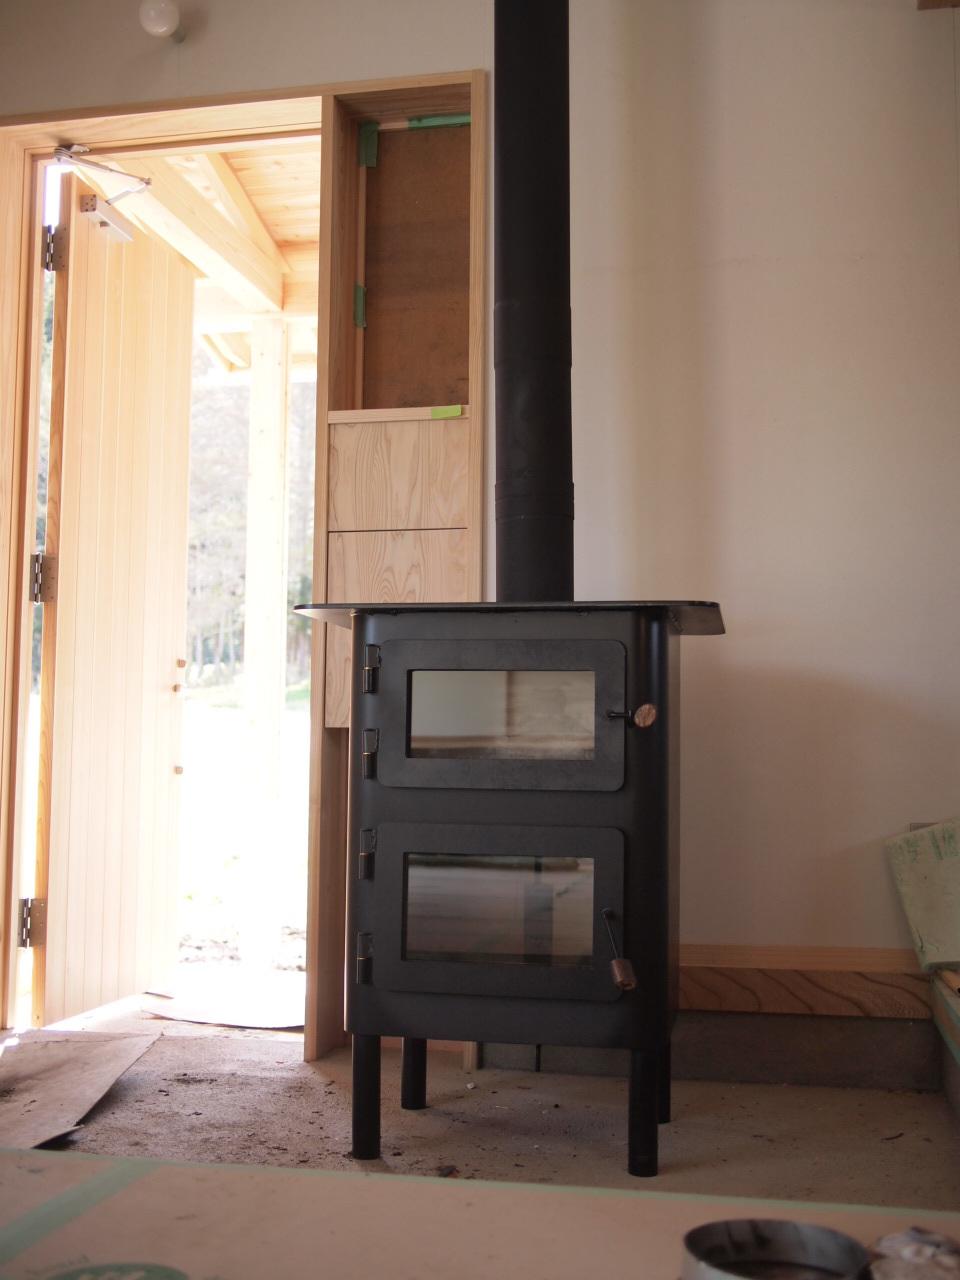 大町市美麻に縦型オーブン付き薪ストーブ納品。_a0206732_06284035.jpg